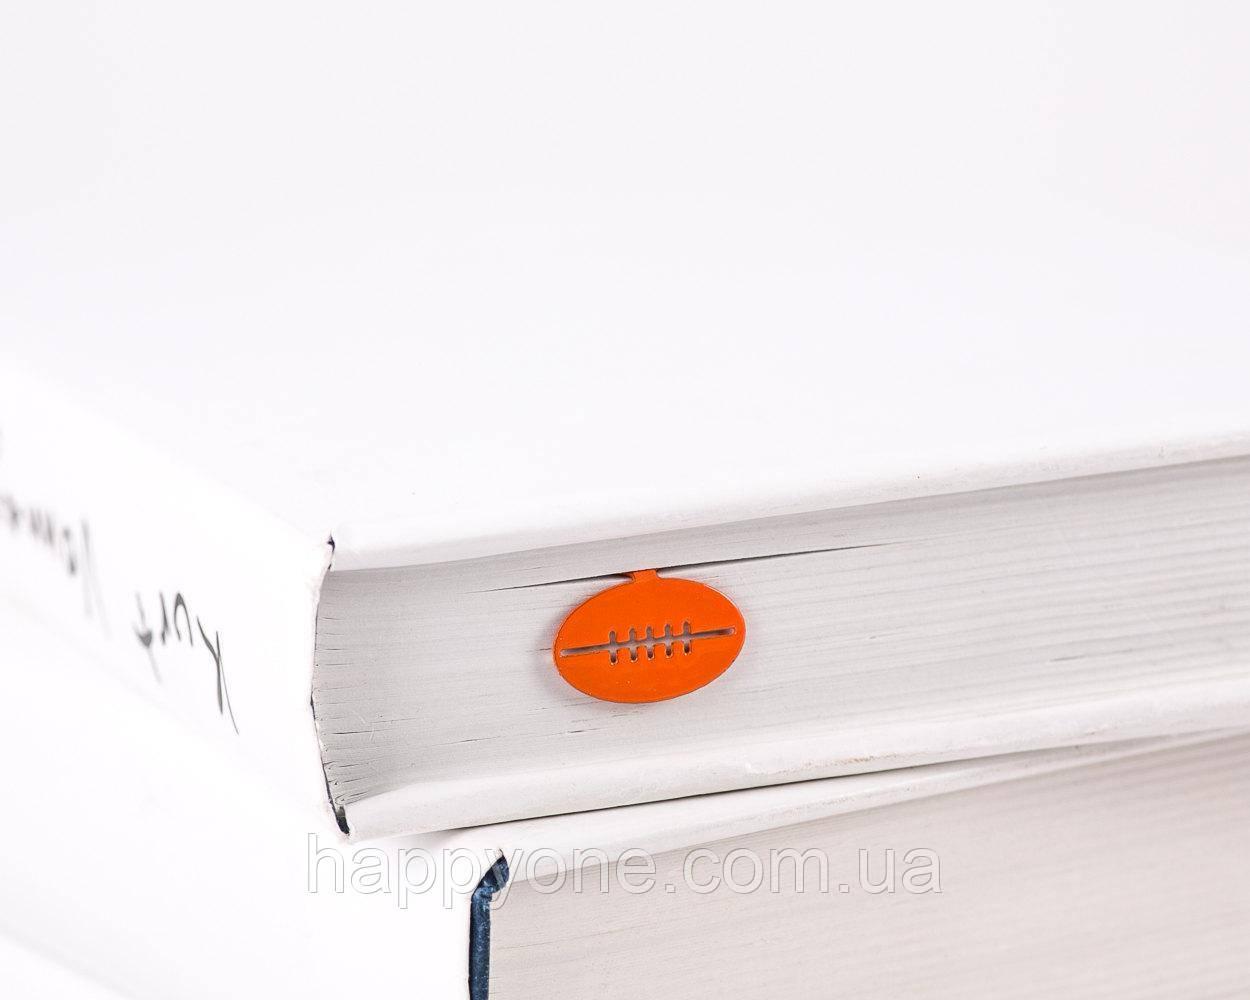 Закладка для книг Мяч Регби